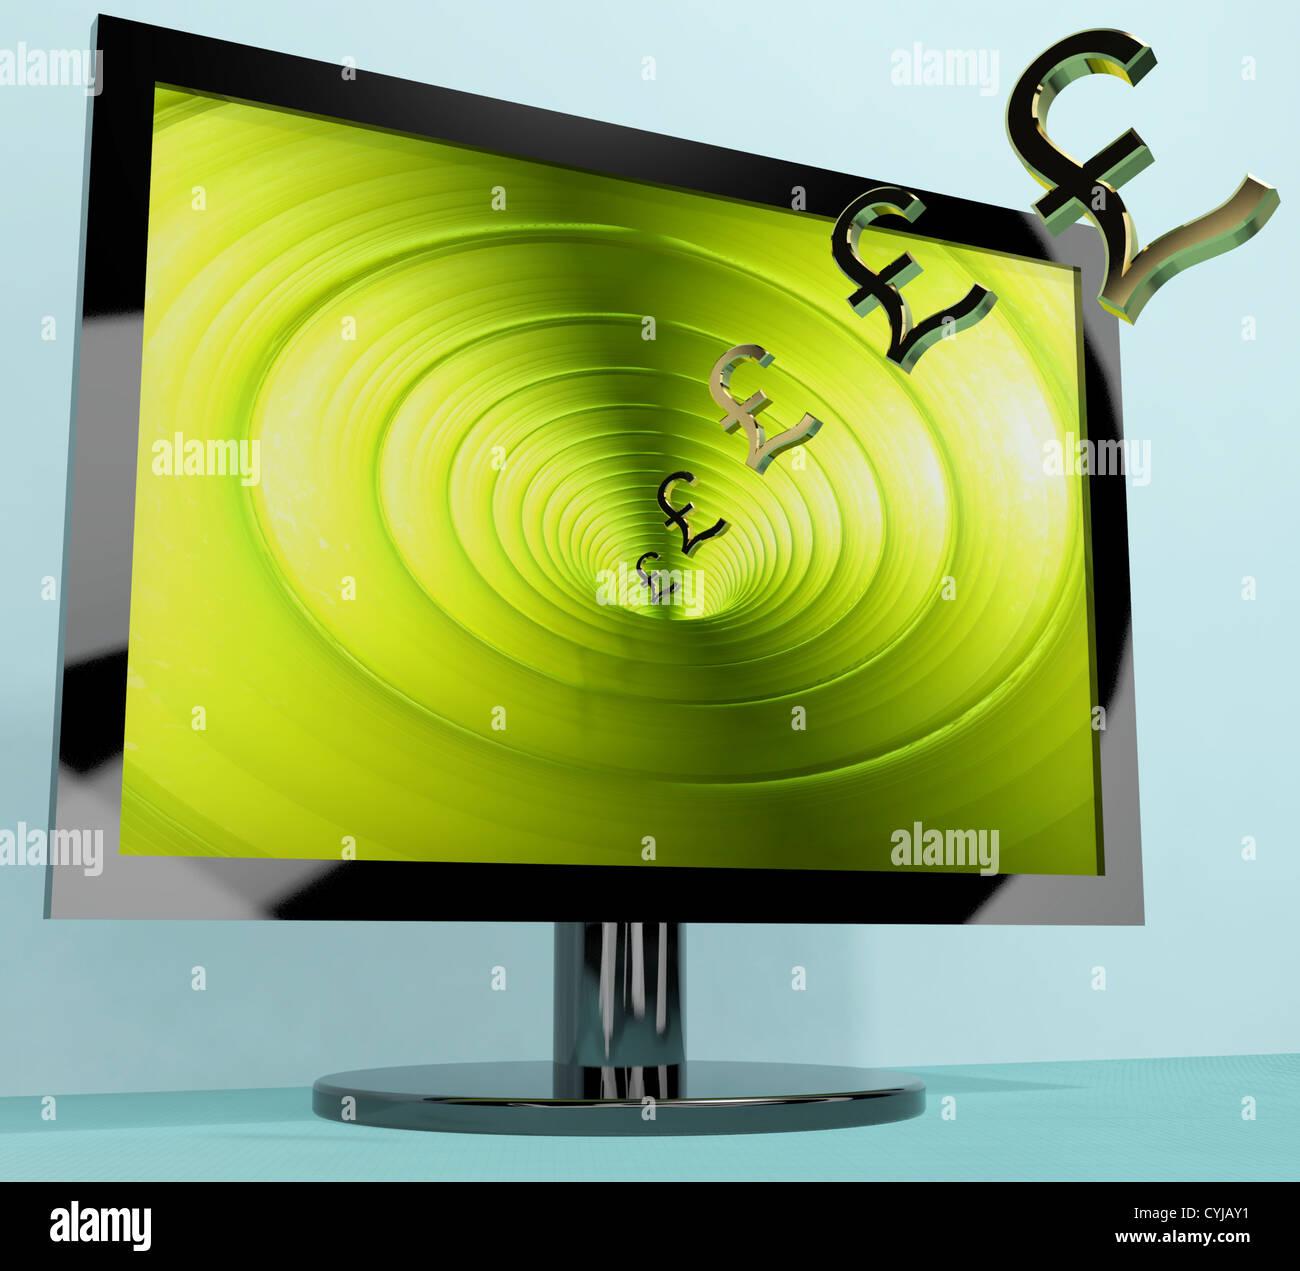 Pfund Symbole aus Bildschirm zeigt Interesse oder Gewinne Stockbild